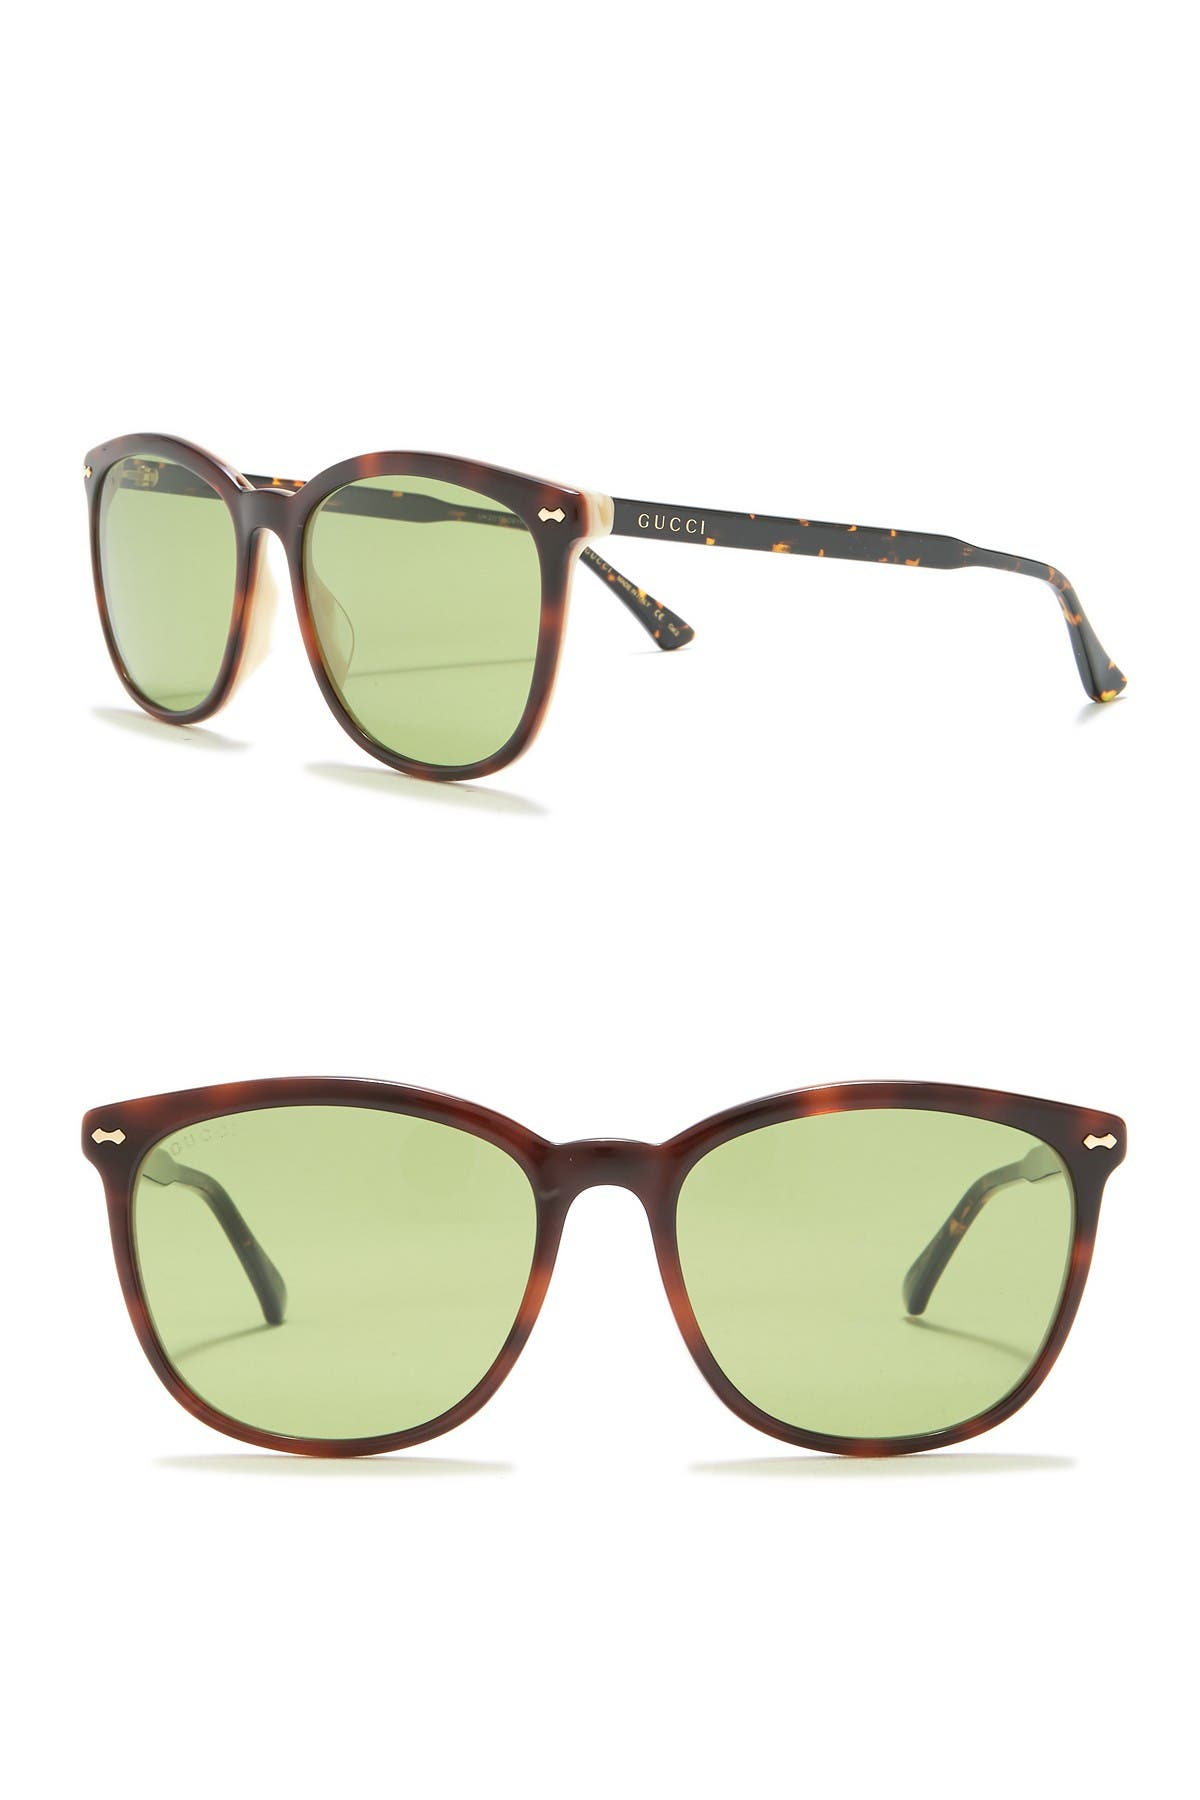 Image of GUCCI 59mm Square Sunglasses